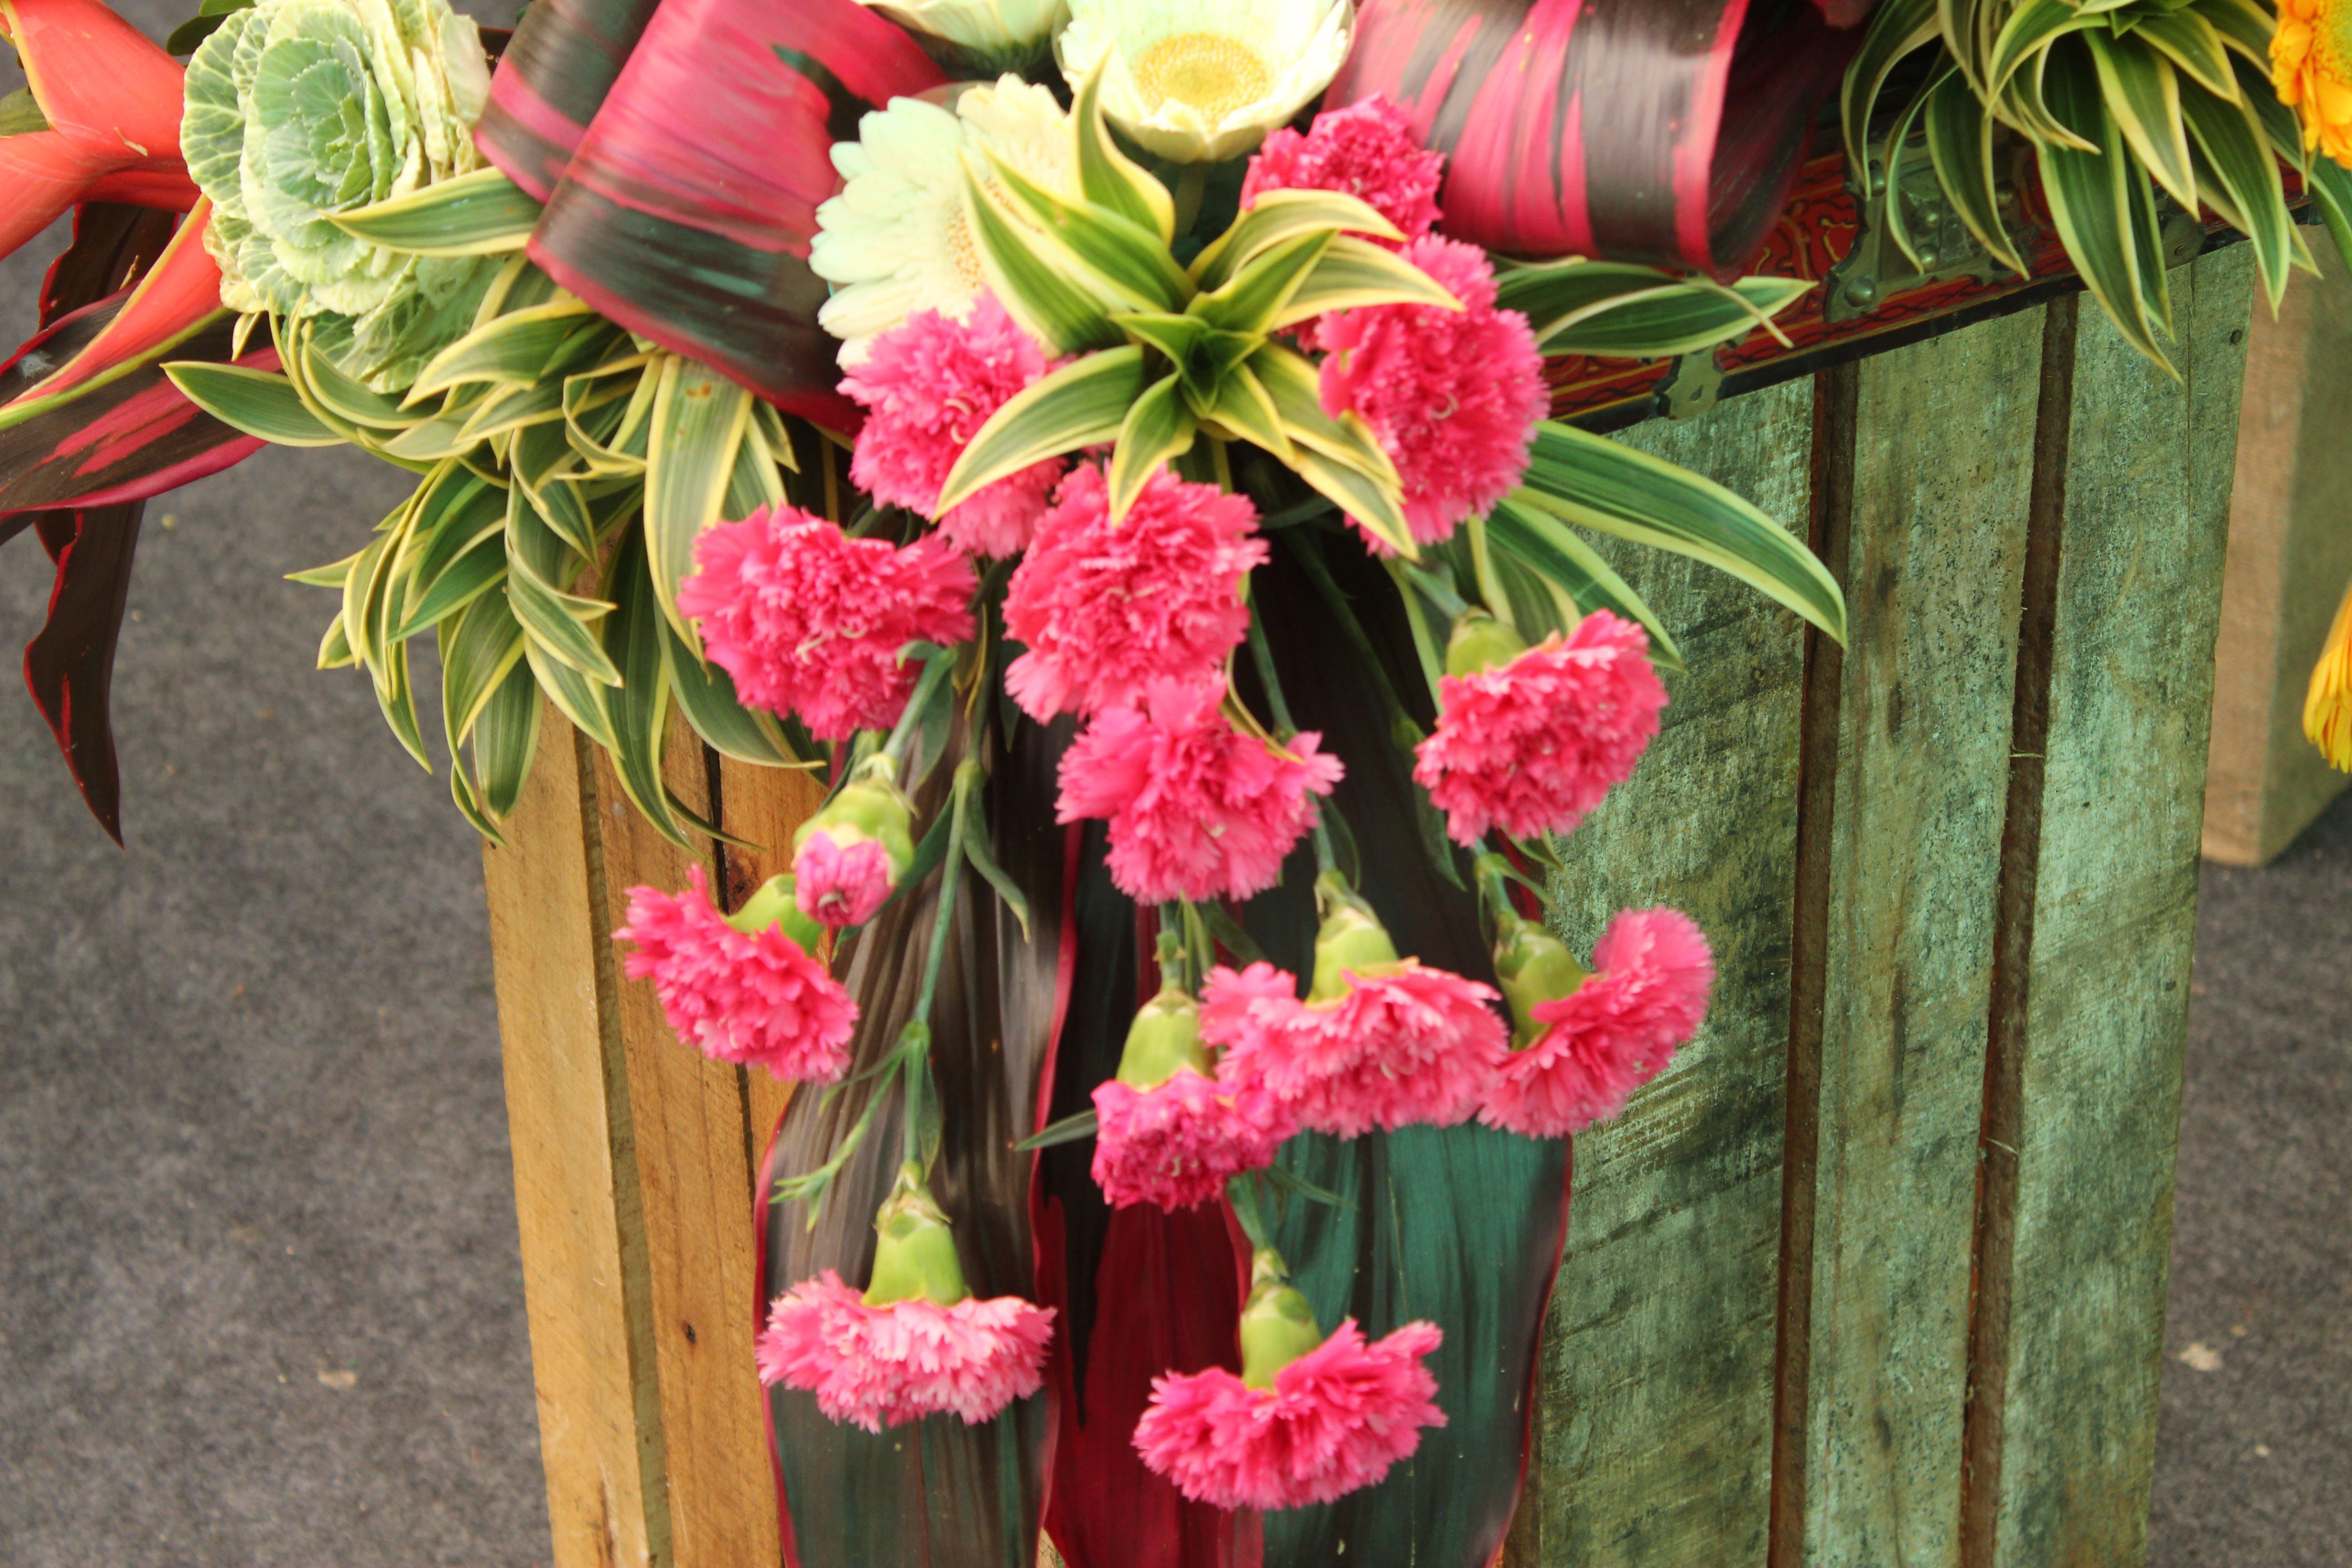 Základová fotografie zdarma na téma aranžování květin, červené kytky, krásné květiny, květinový záhon